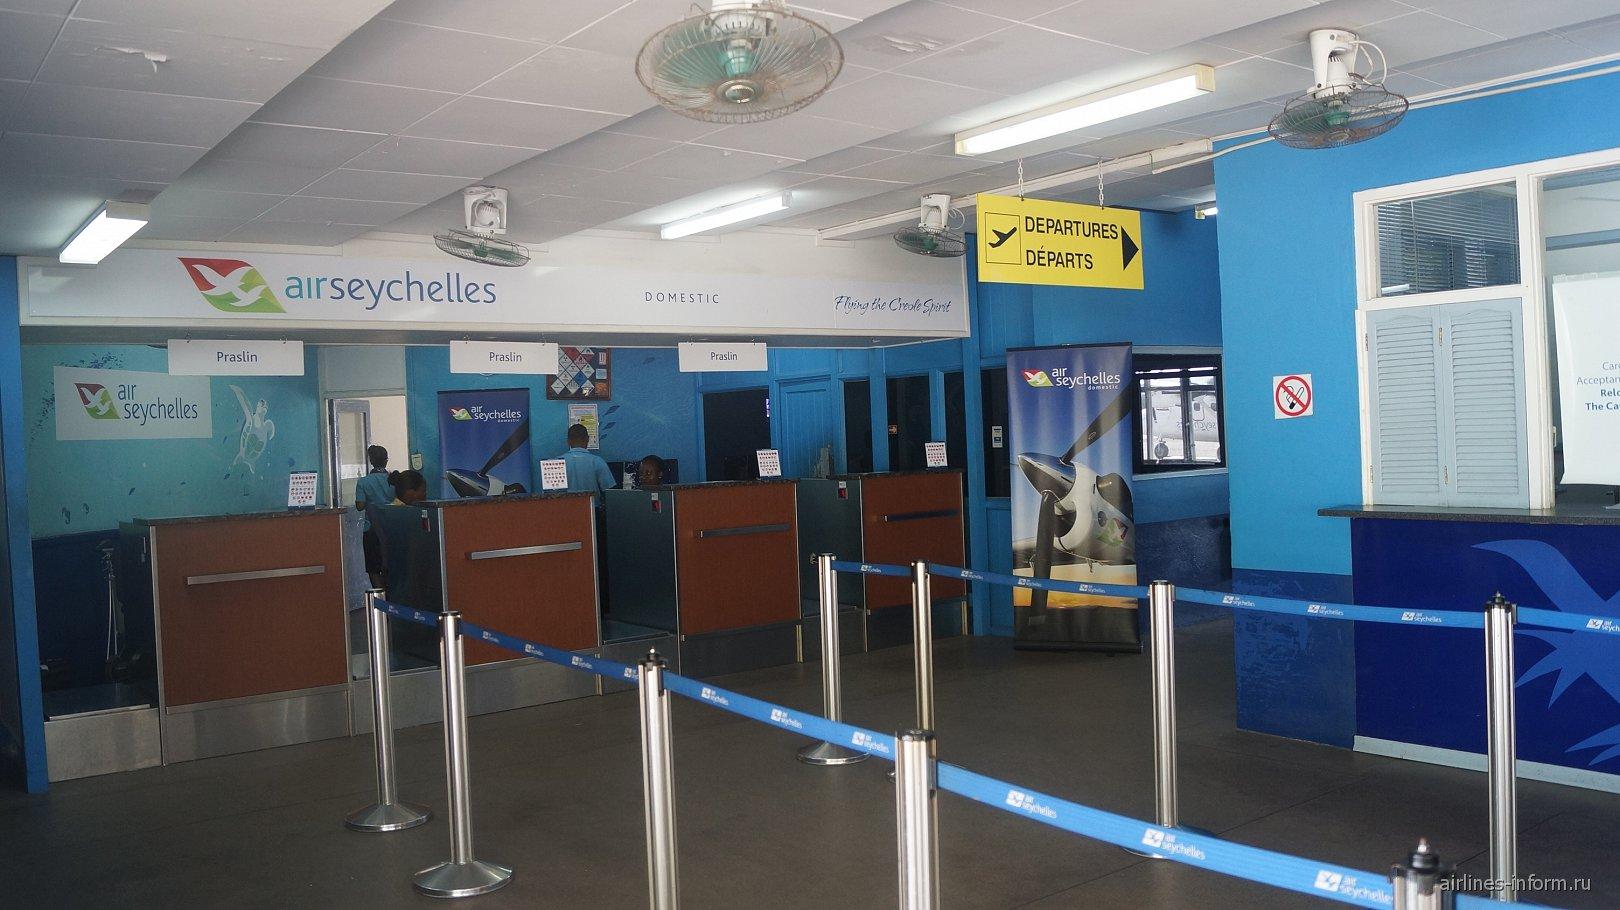 Стойки регистрации на внутренние рейсы Air Seychelles в аэропорту Маэ